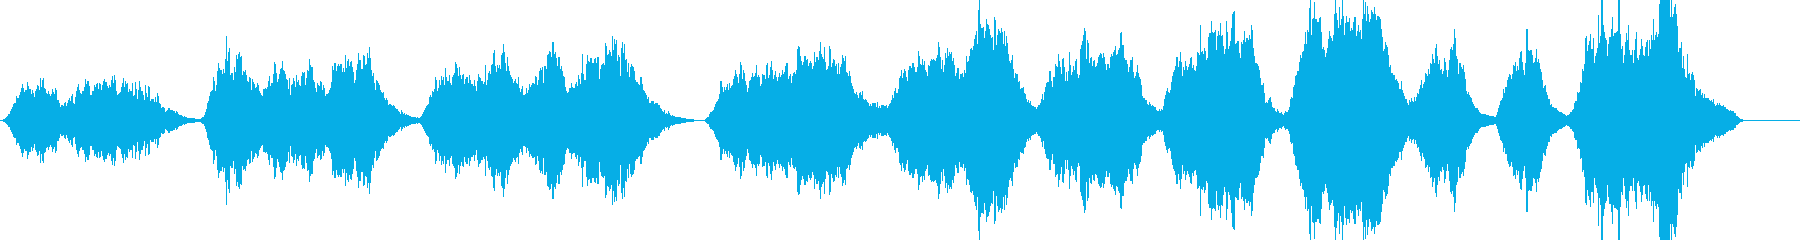 切ない雰囲気の感動系オーケストラの再生済みの波形